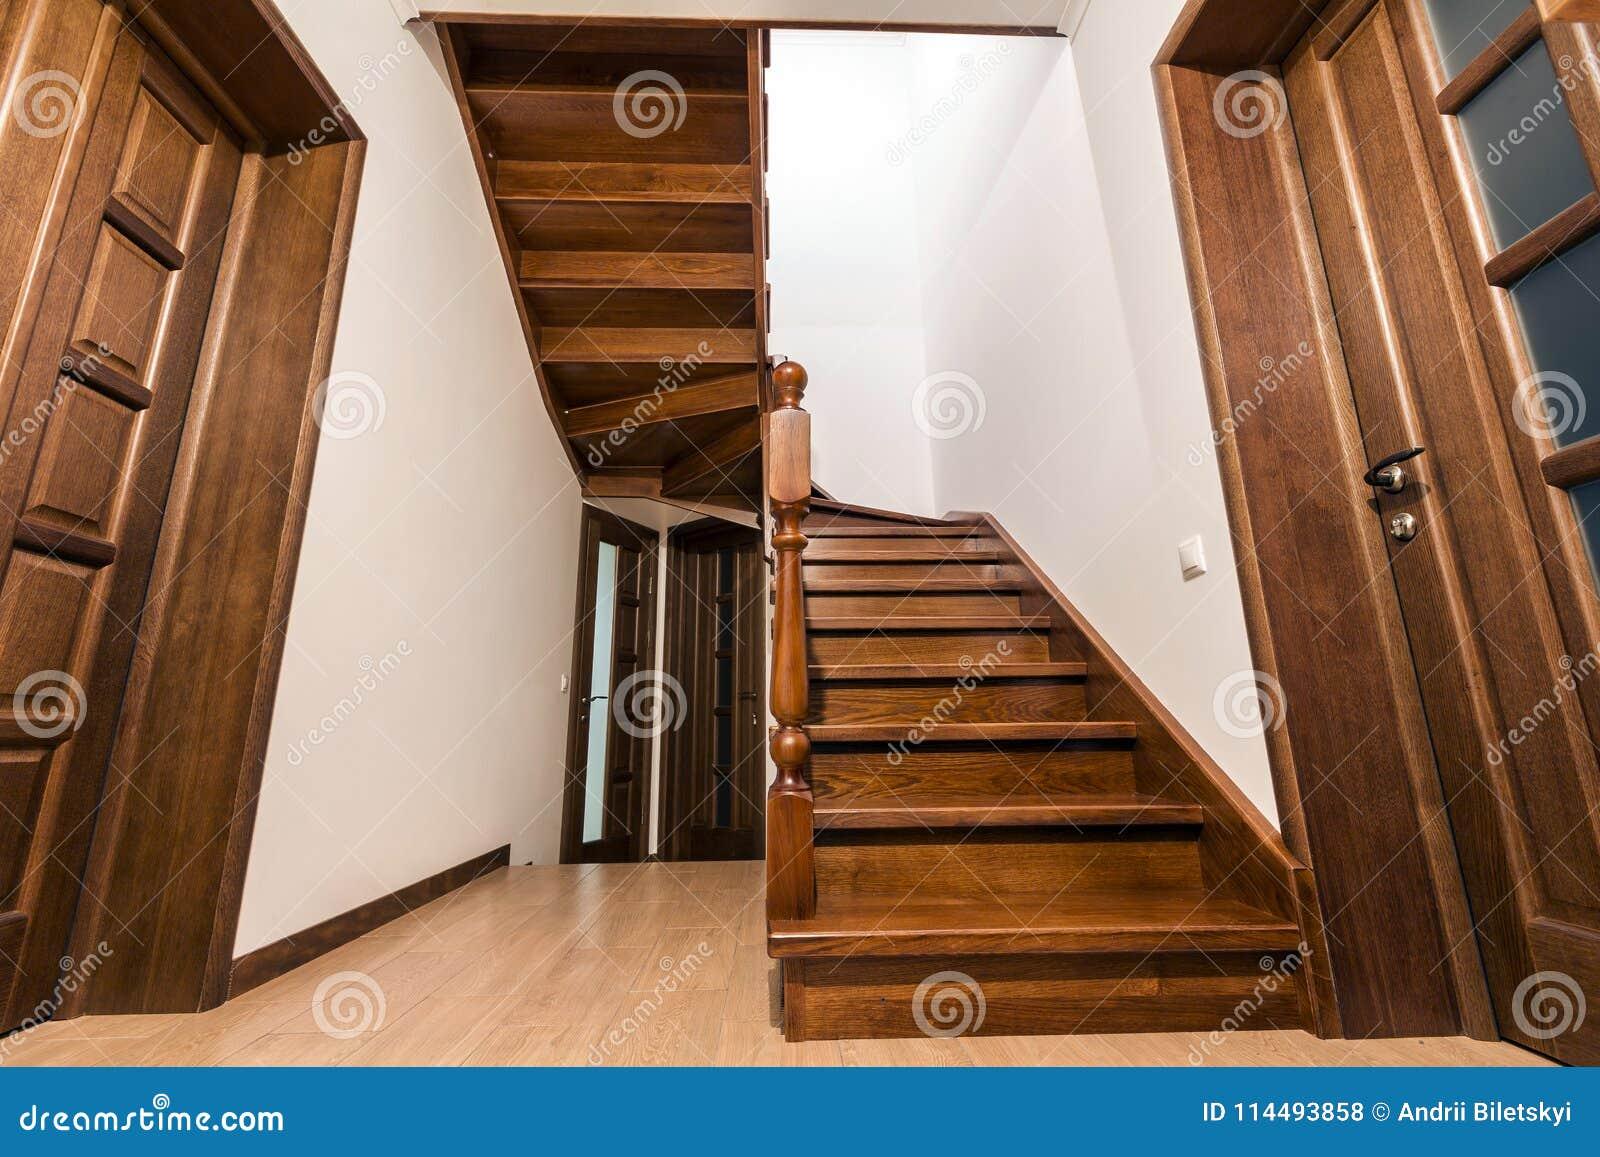 Escaliers En Bois Modernes Et Portes De Chêne Brun Dans La ...